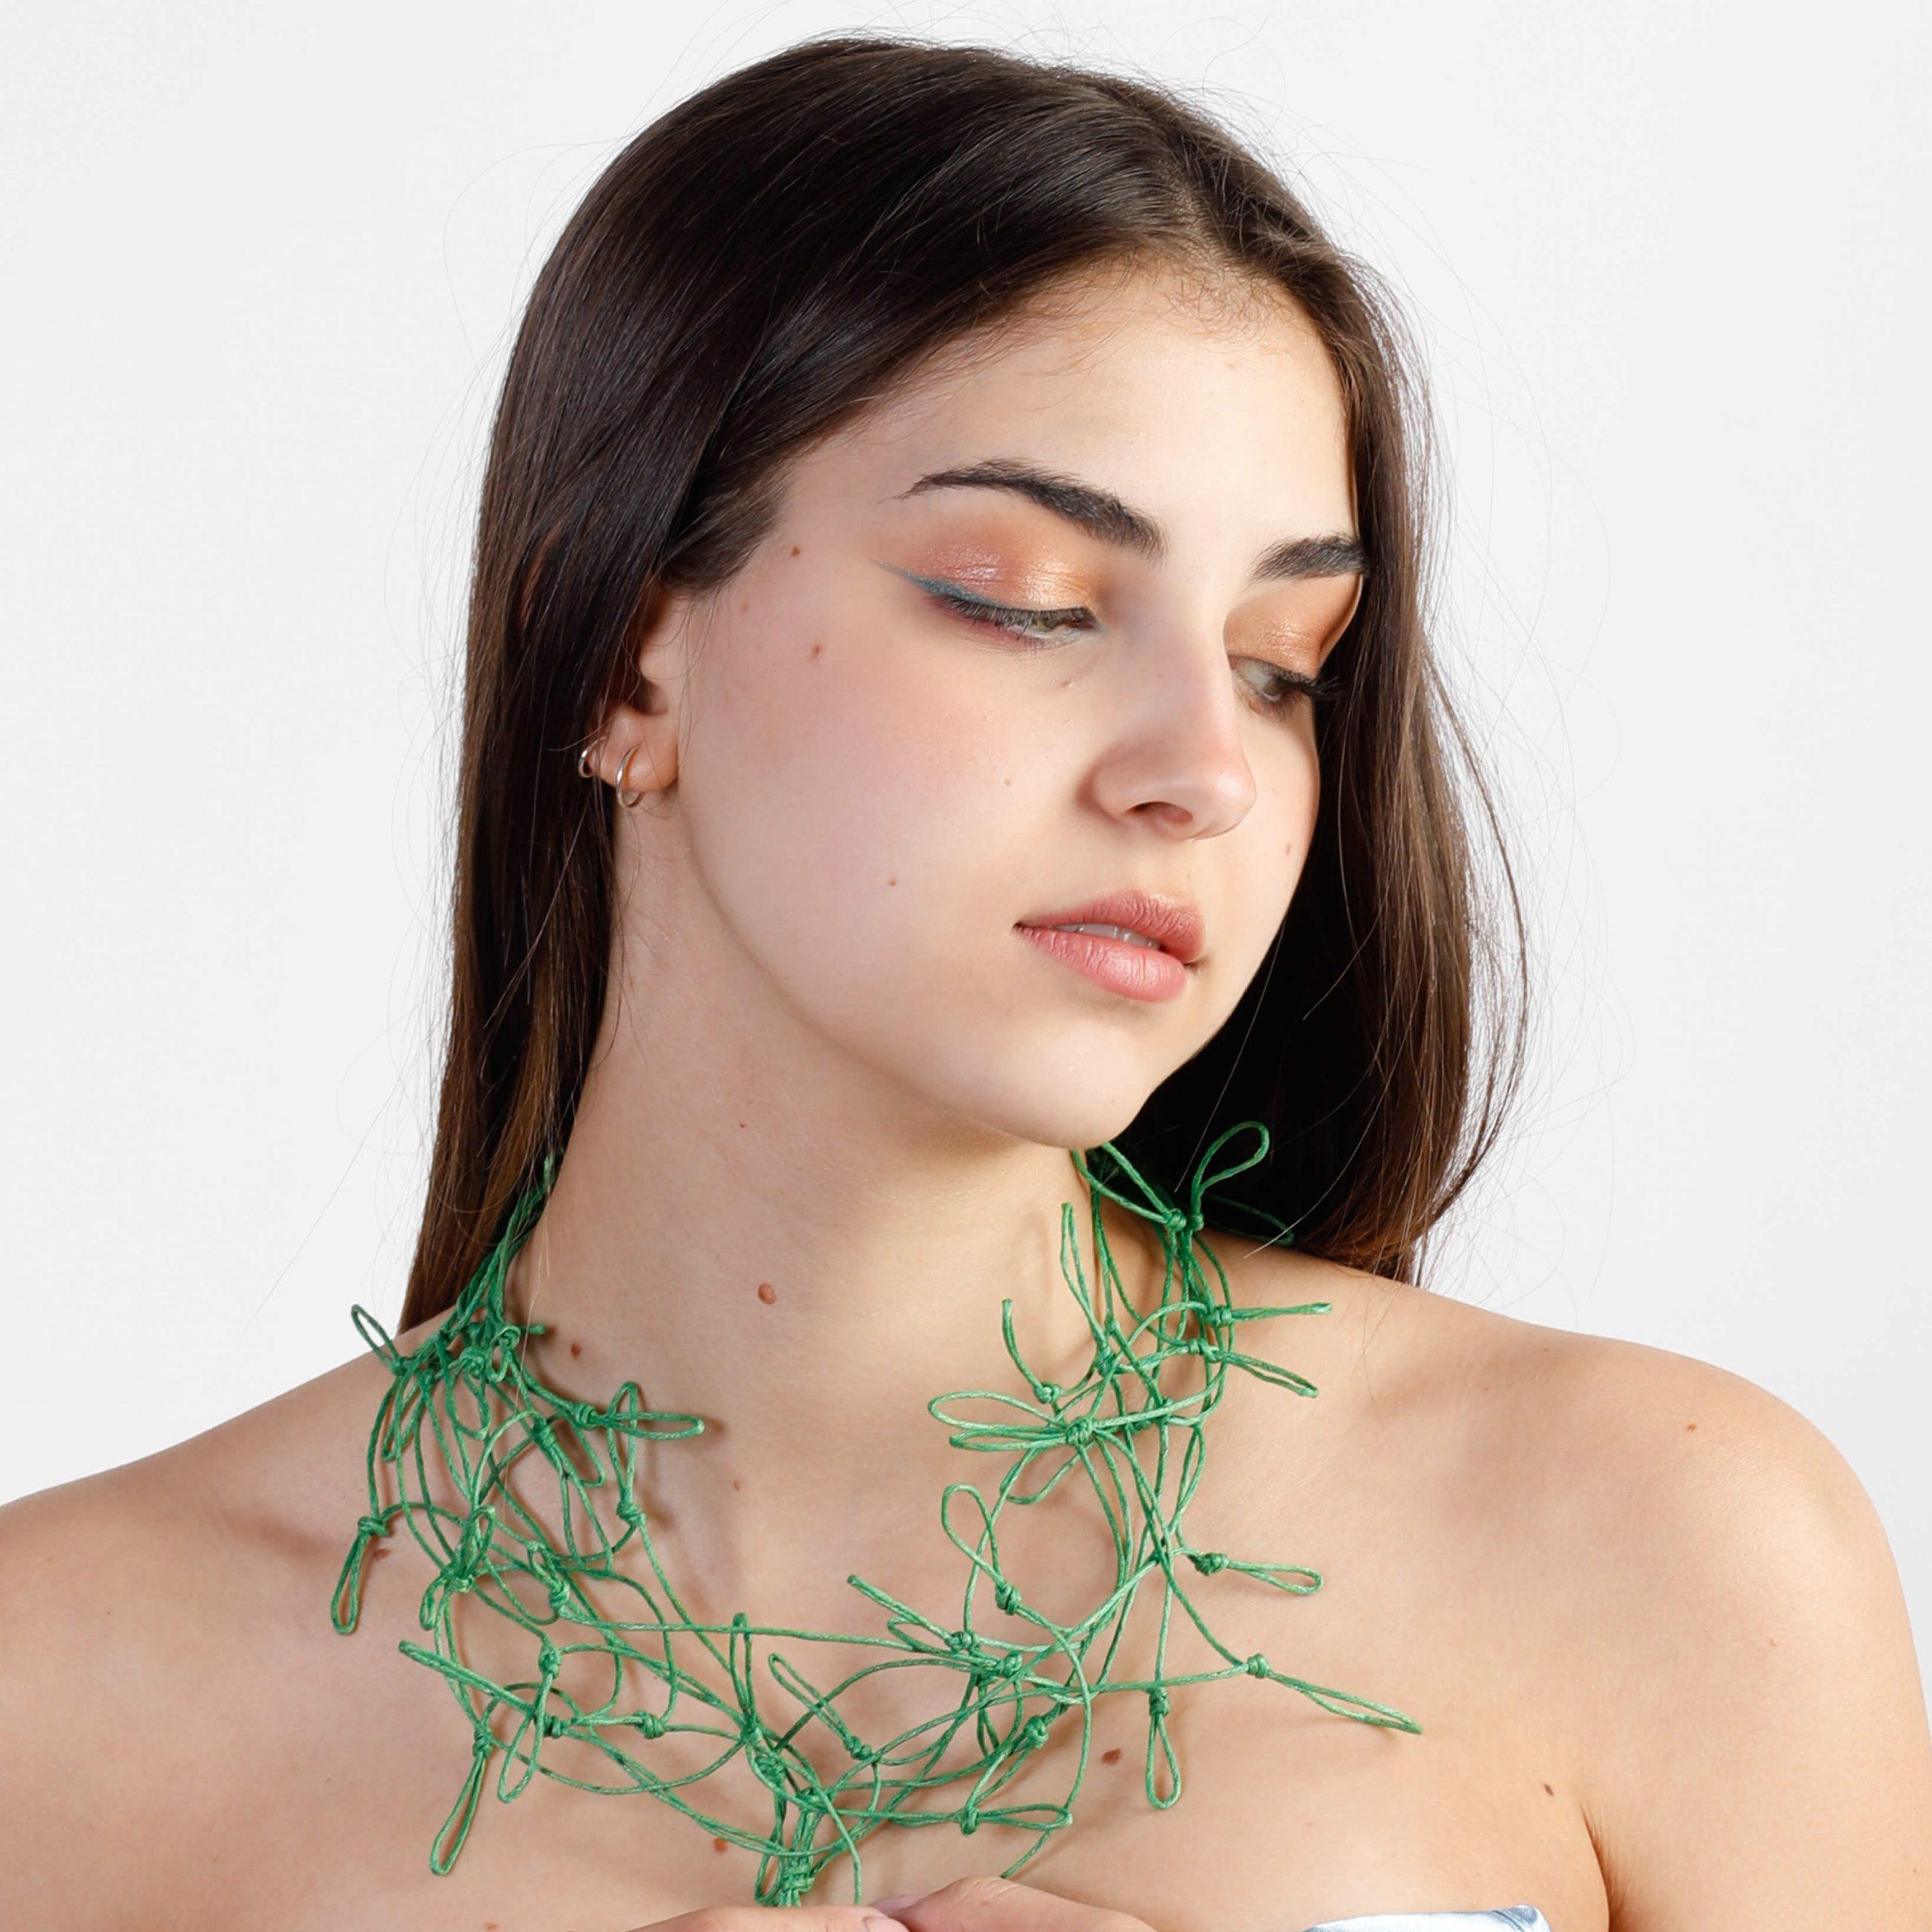 Grüner Halsschmuck für modebewusste Frauen